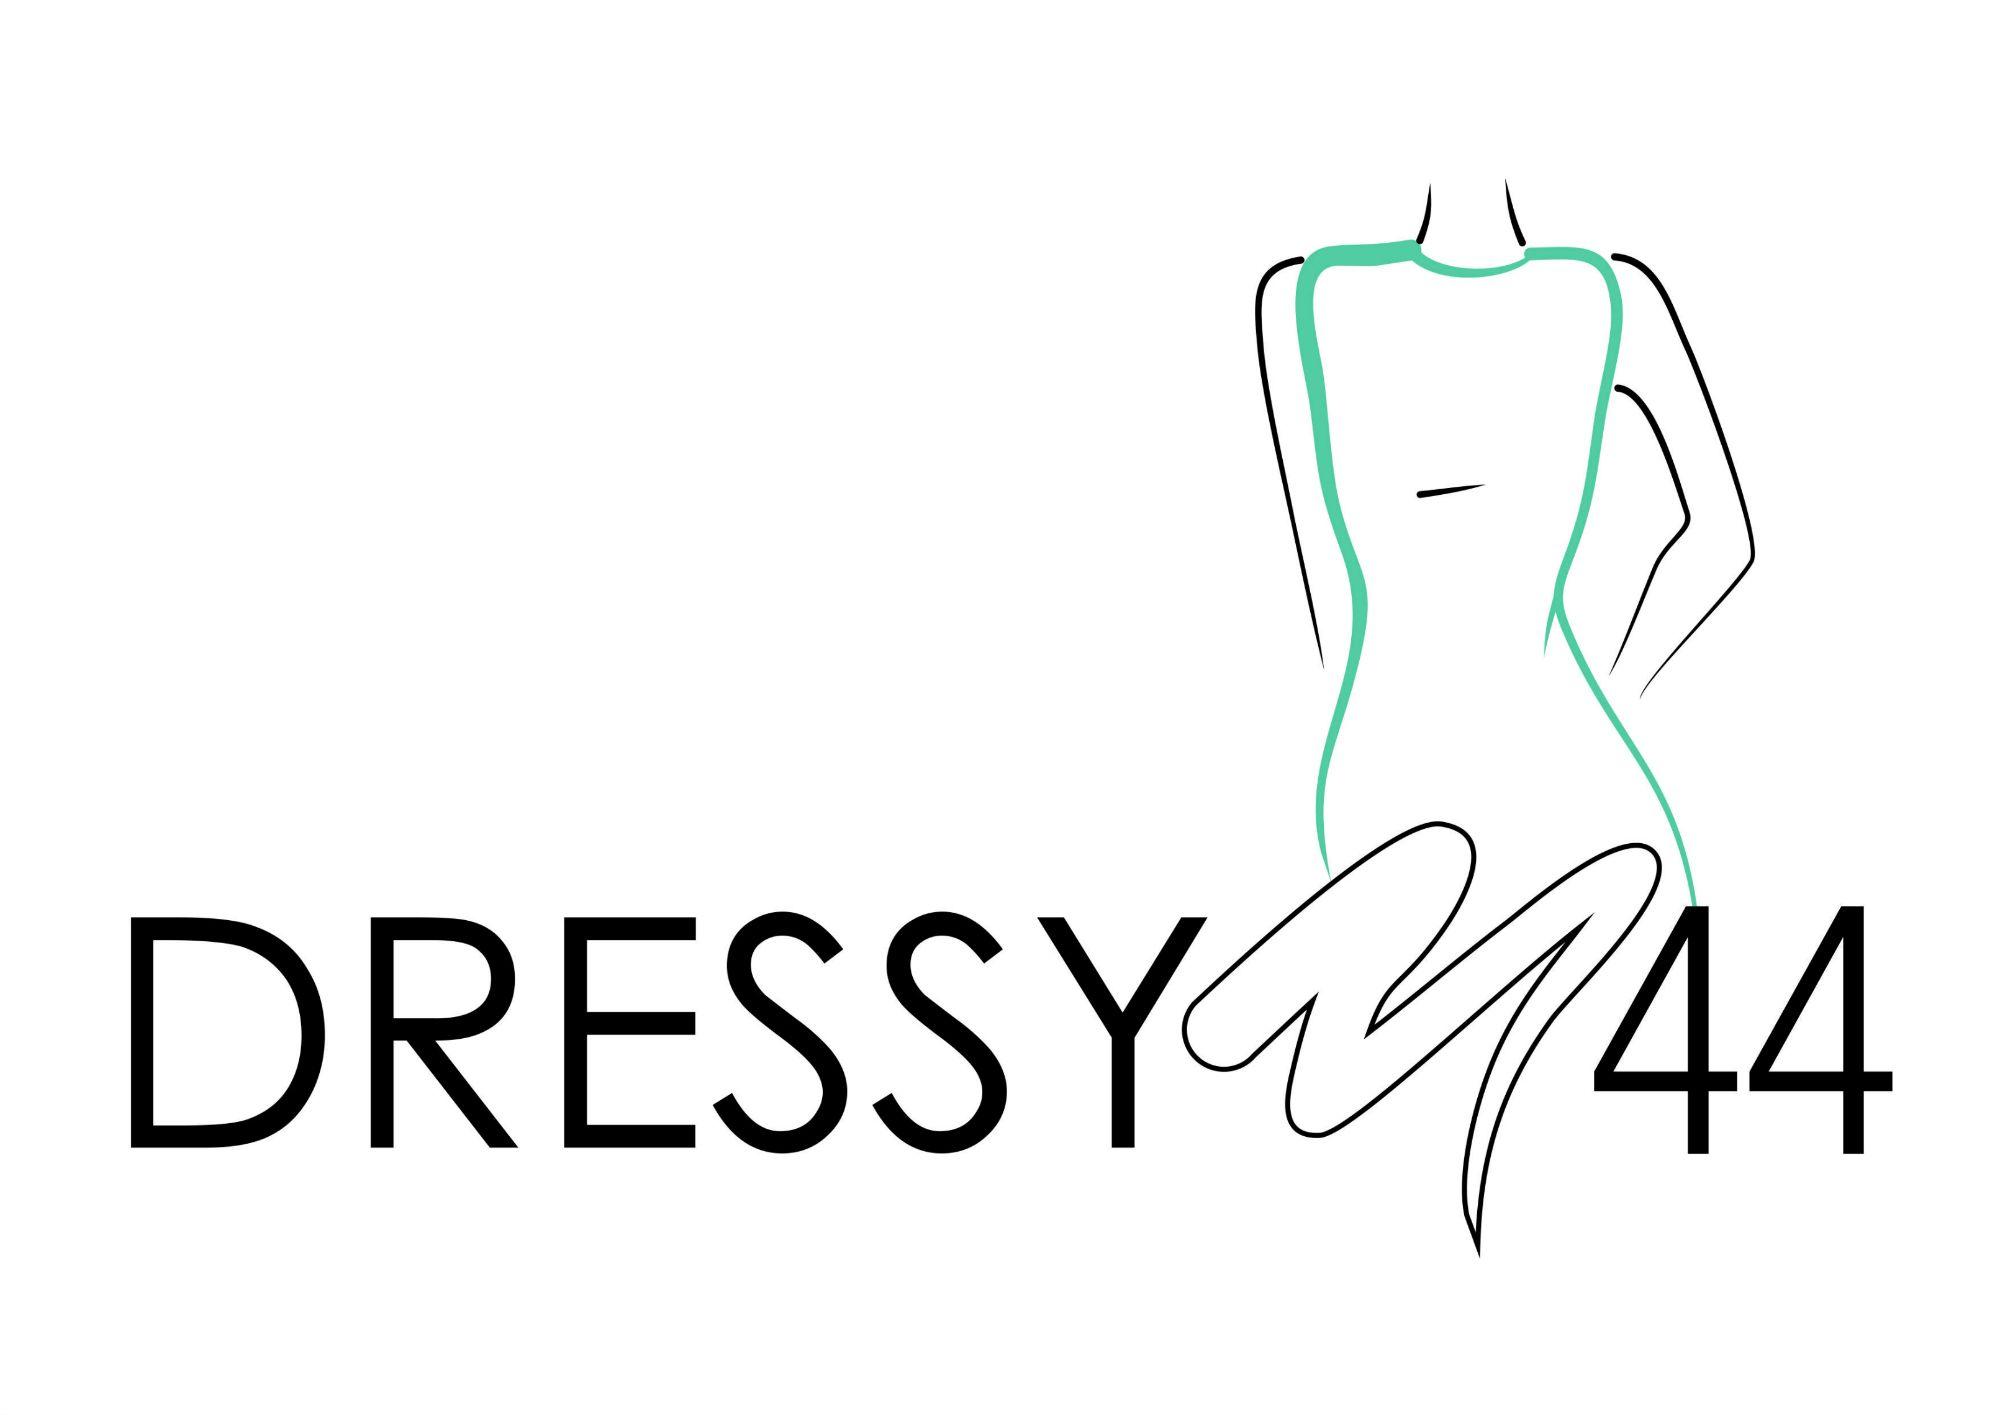 разработка логотипа _производство платьев - дизайнер Humanoid_007